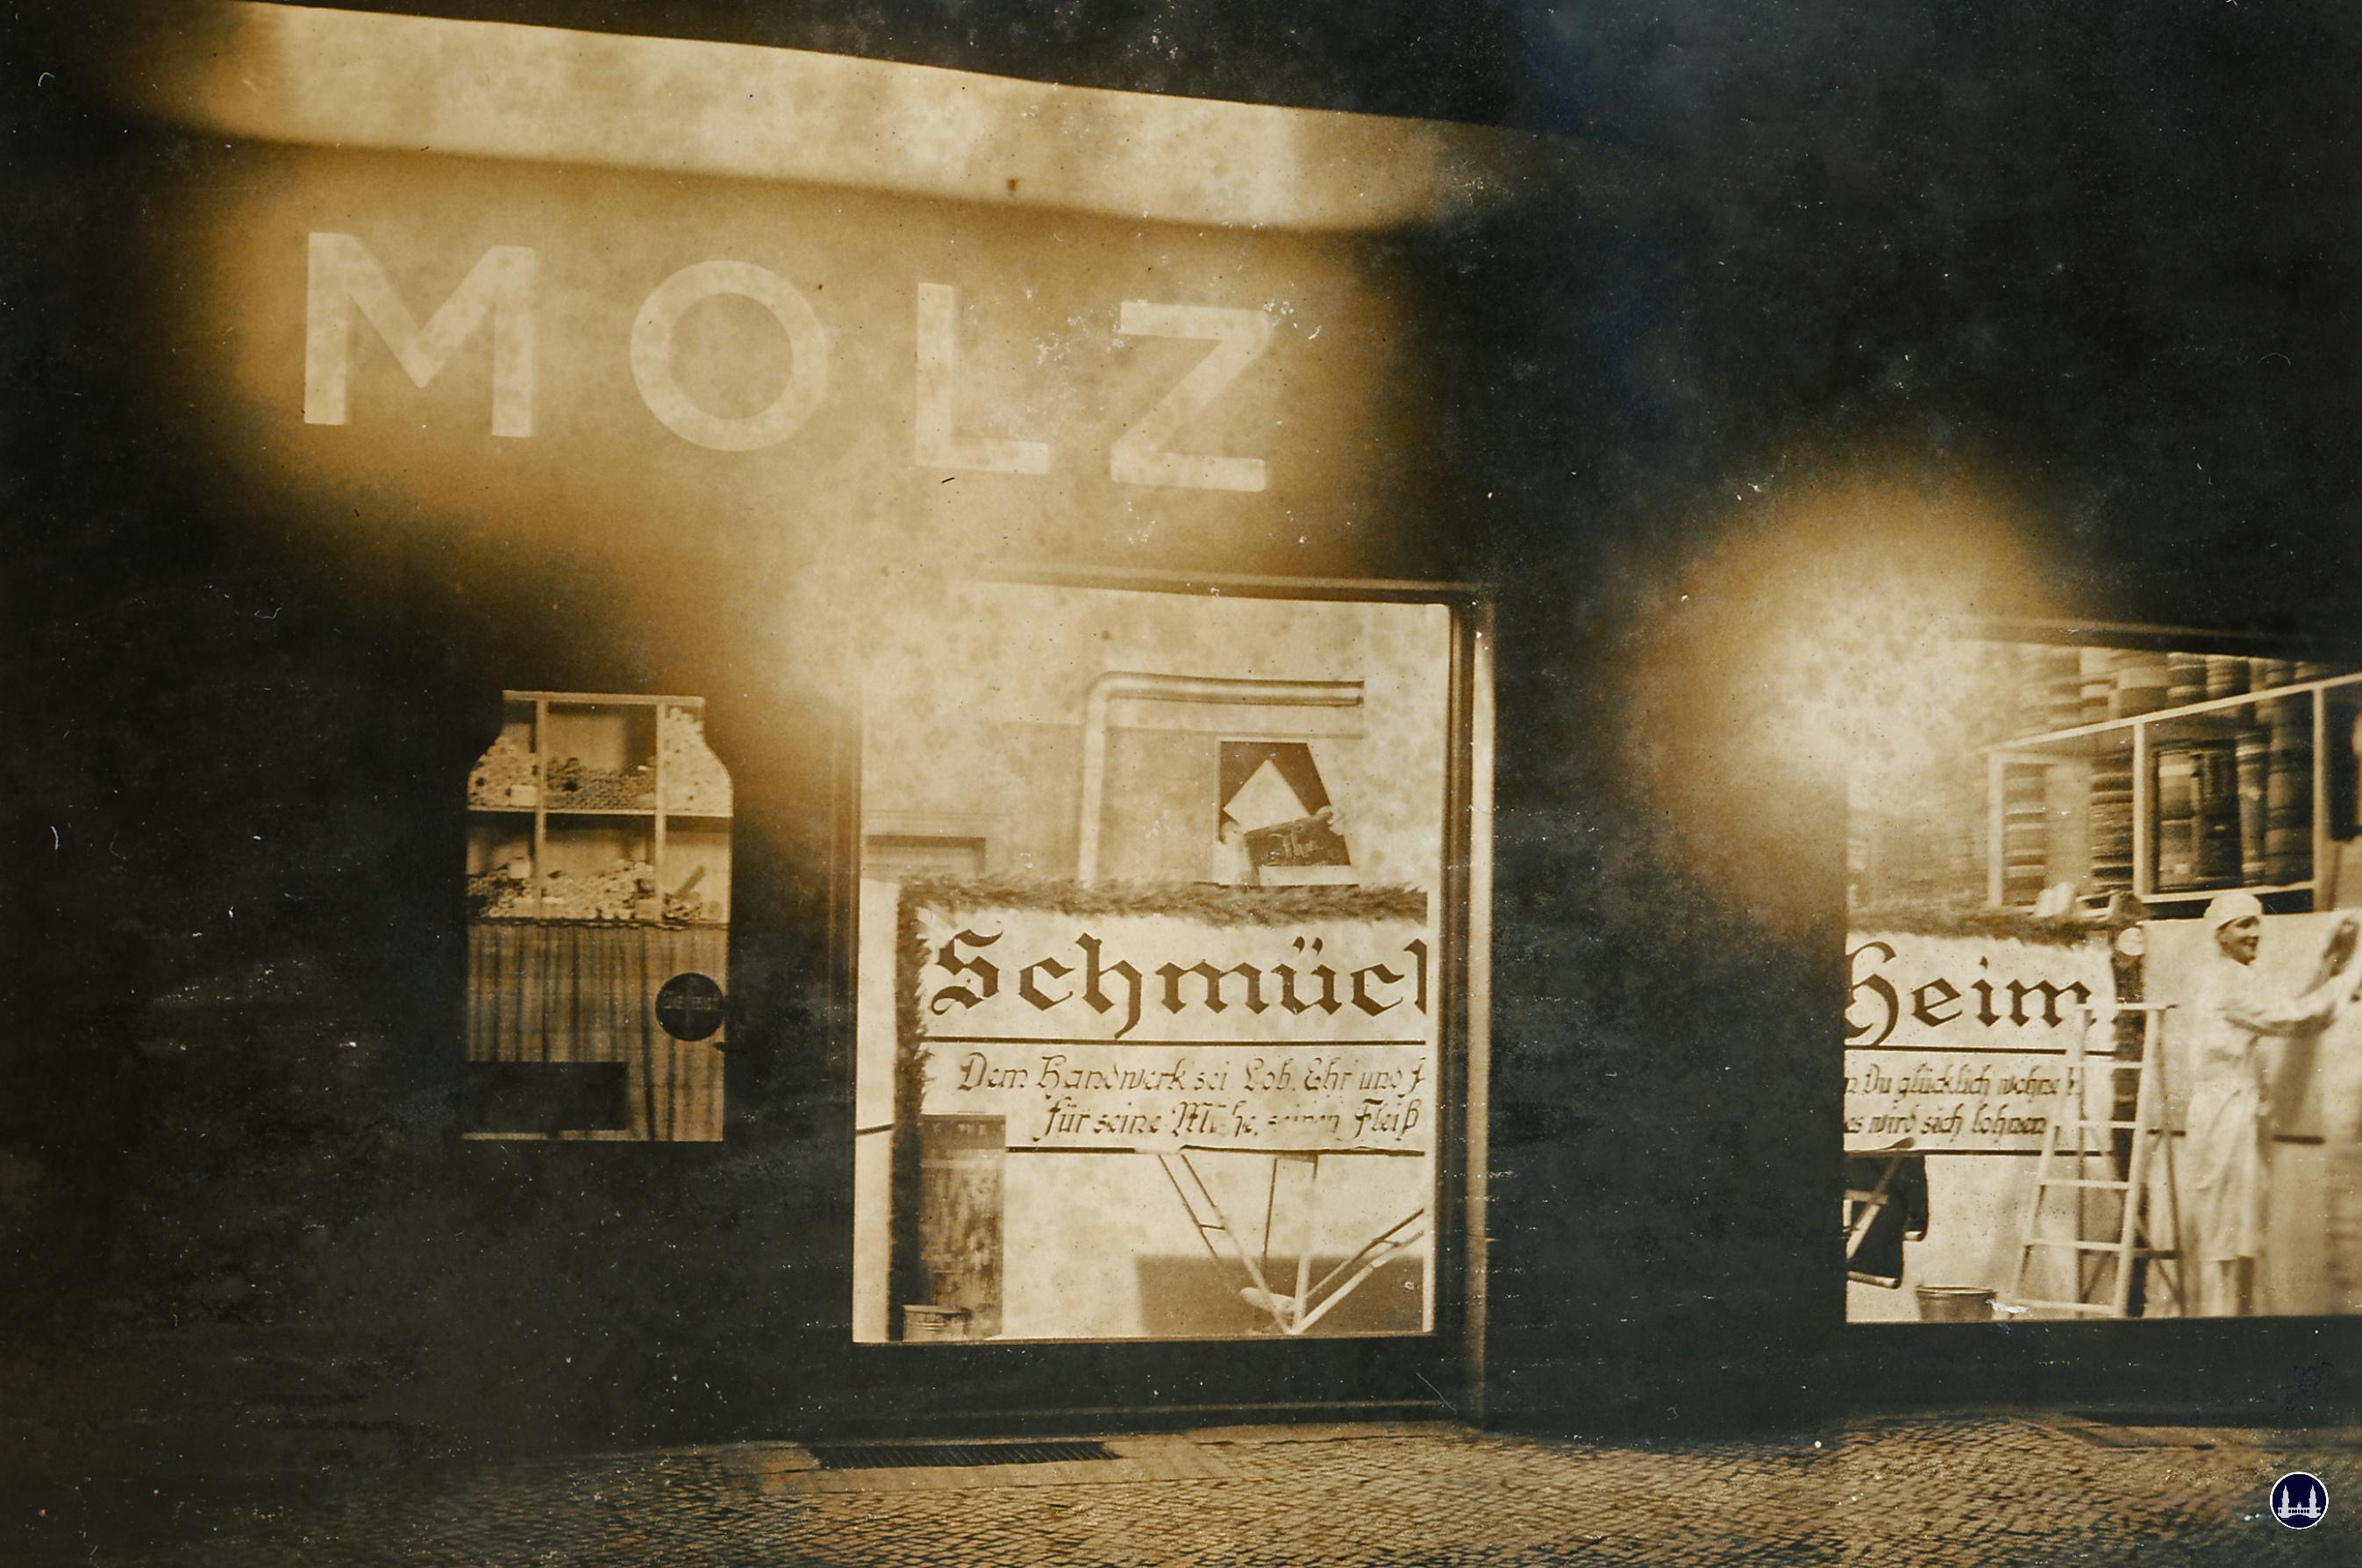 Molz Raumdesign am Mariendorfer Damm. Ausstellung Schmückendes Heim.